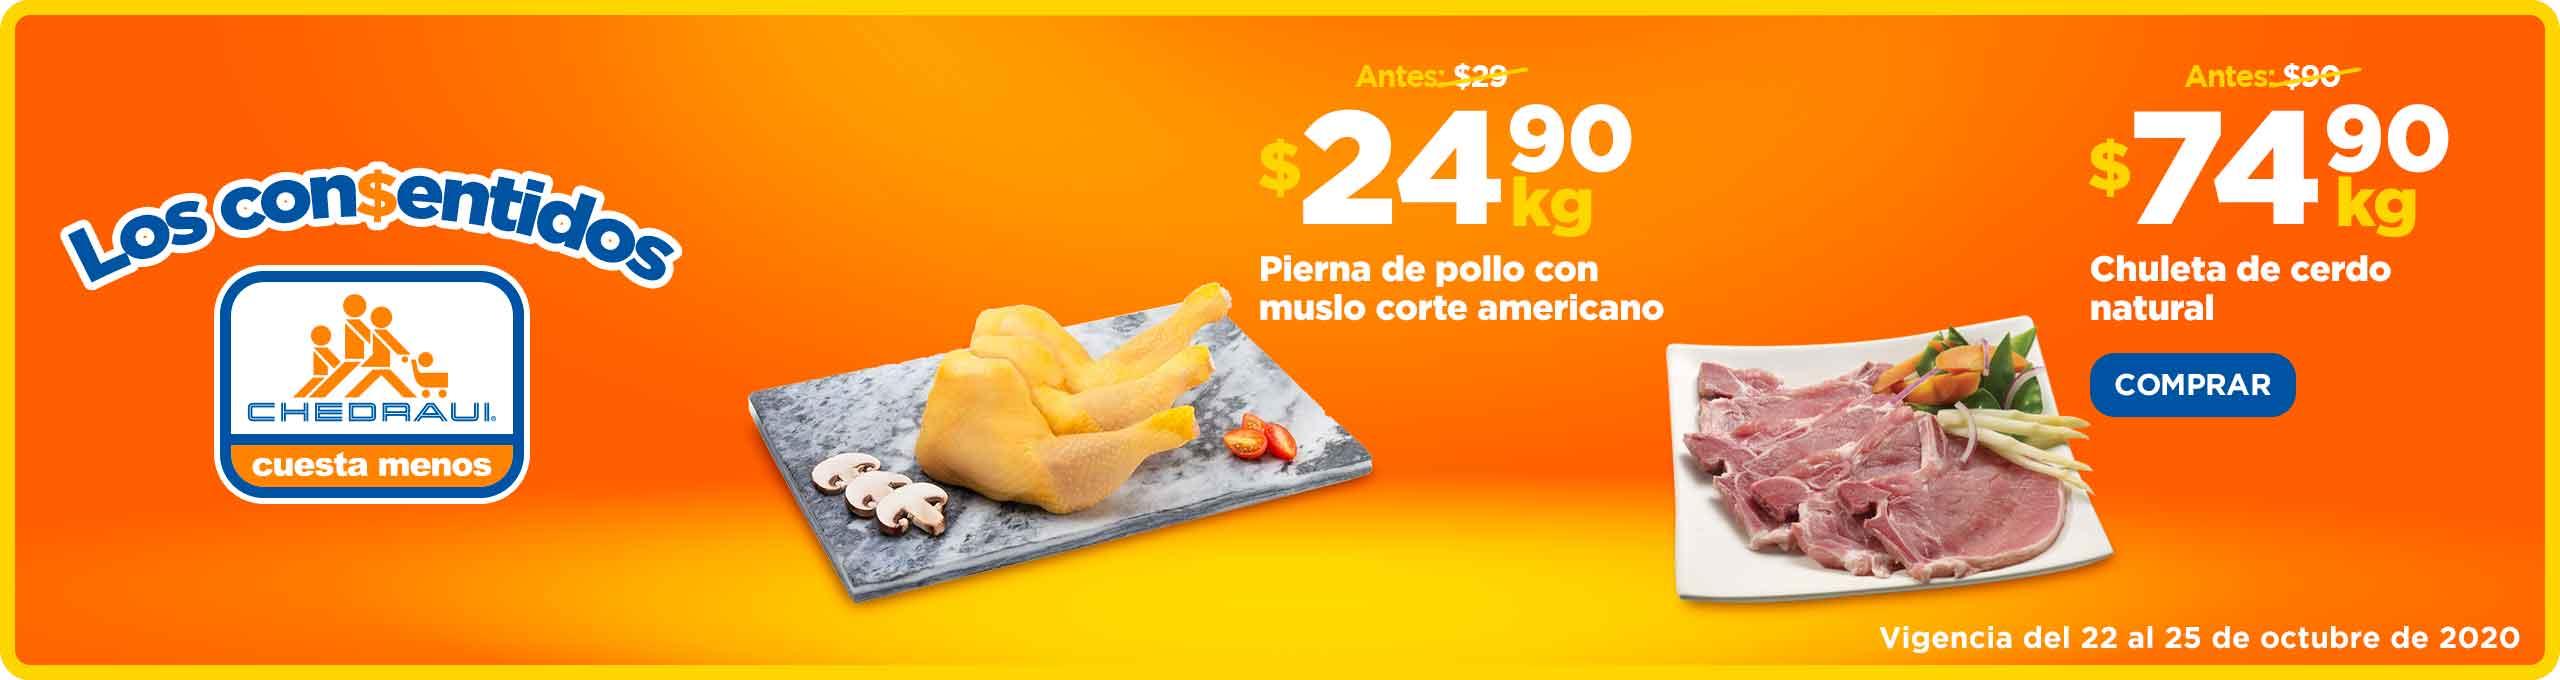 Ofertas Chedraui Fin de Semana en carnes del 22 al 25 de octubre 2020